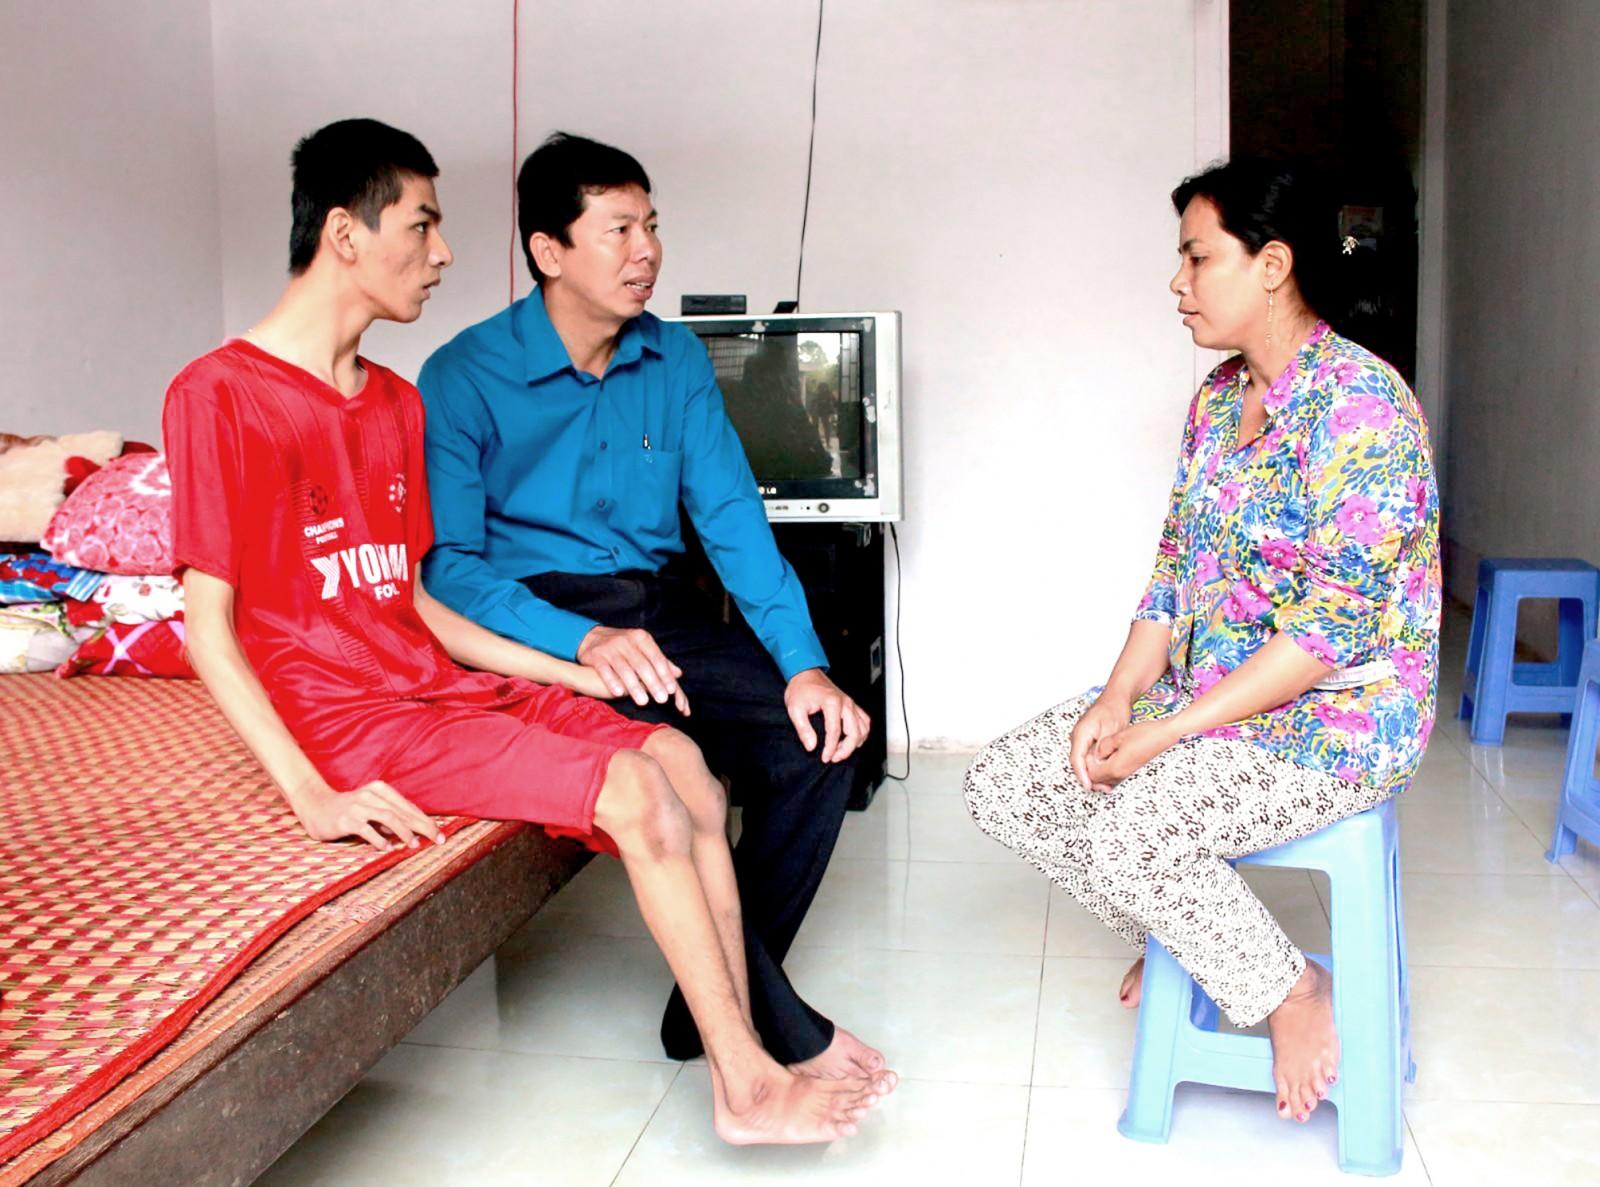 Cán bộ Mặt trận phường Long Tuyền thăm gia đình bà Trần Bích Tuyền (khu vực Bình Dương B) được địa phương hỗ trợ về nhiều mặt, xét tặng nhà Đại đoàn kết, nay đã thoát nghèo. Ảnh: TÂM KHOA